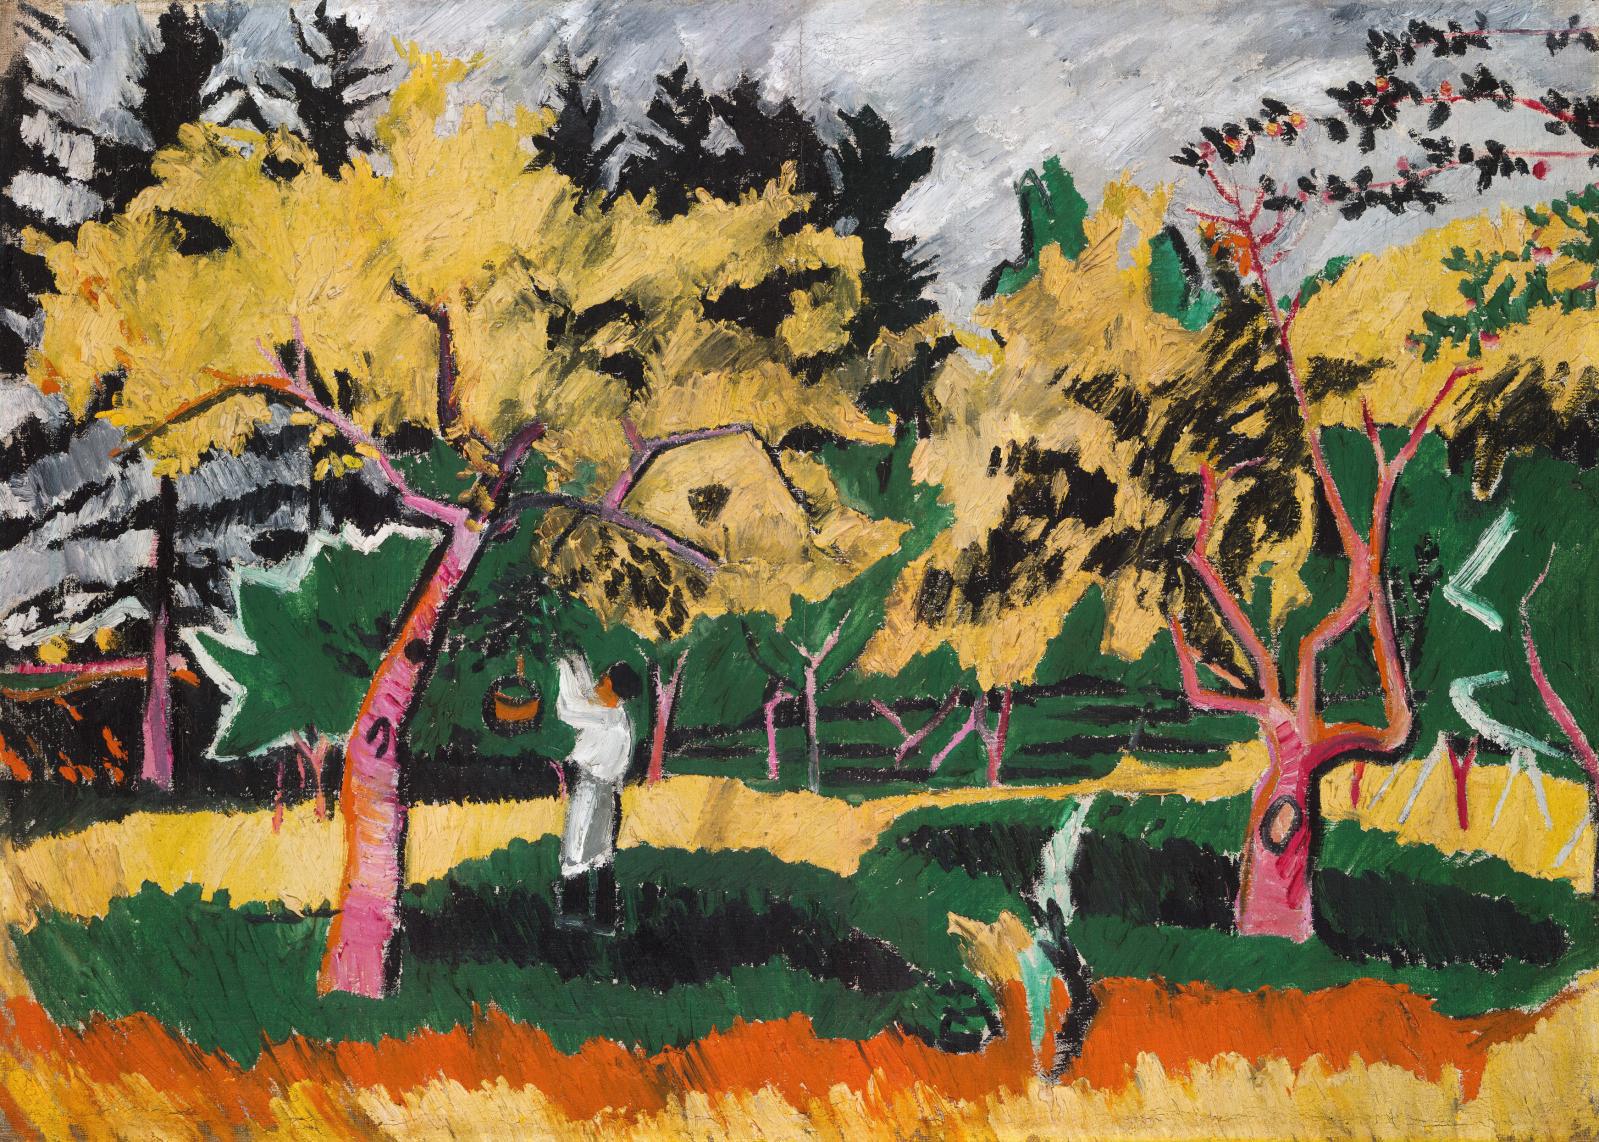 Natalia Gontcharova, Verger en automne (Orchard in Autumn, 1909), oil on canvas, 72 x 103 cm/28.35 x 40.55 in.Tretyakov National Gallery,